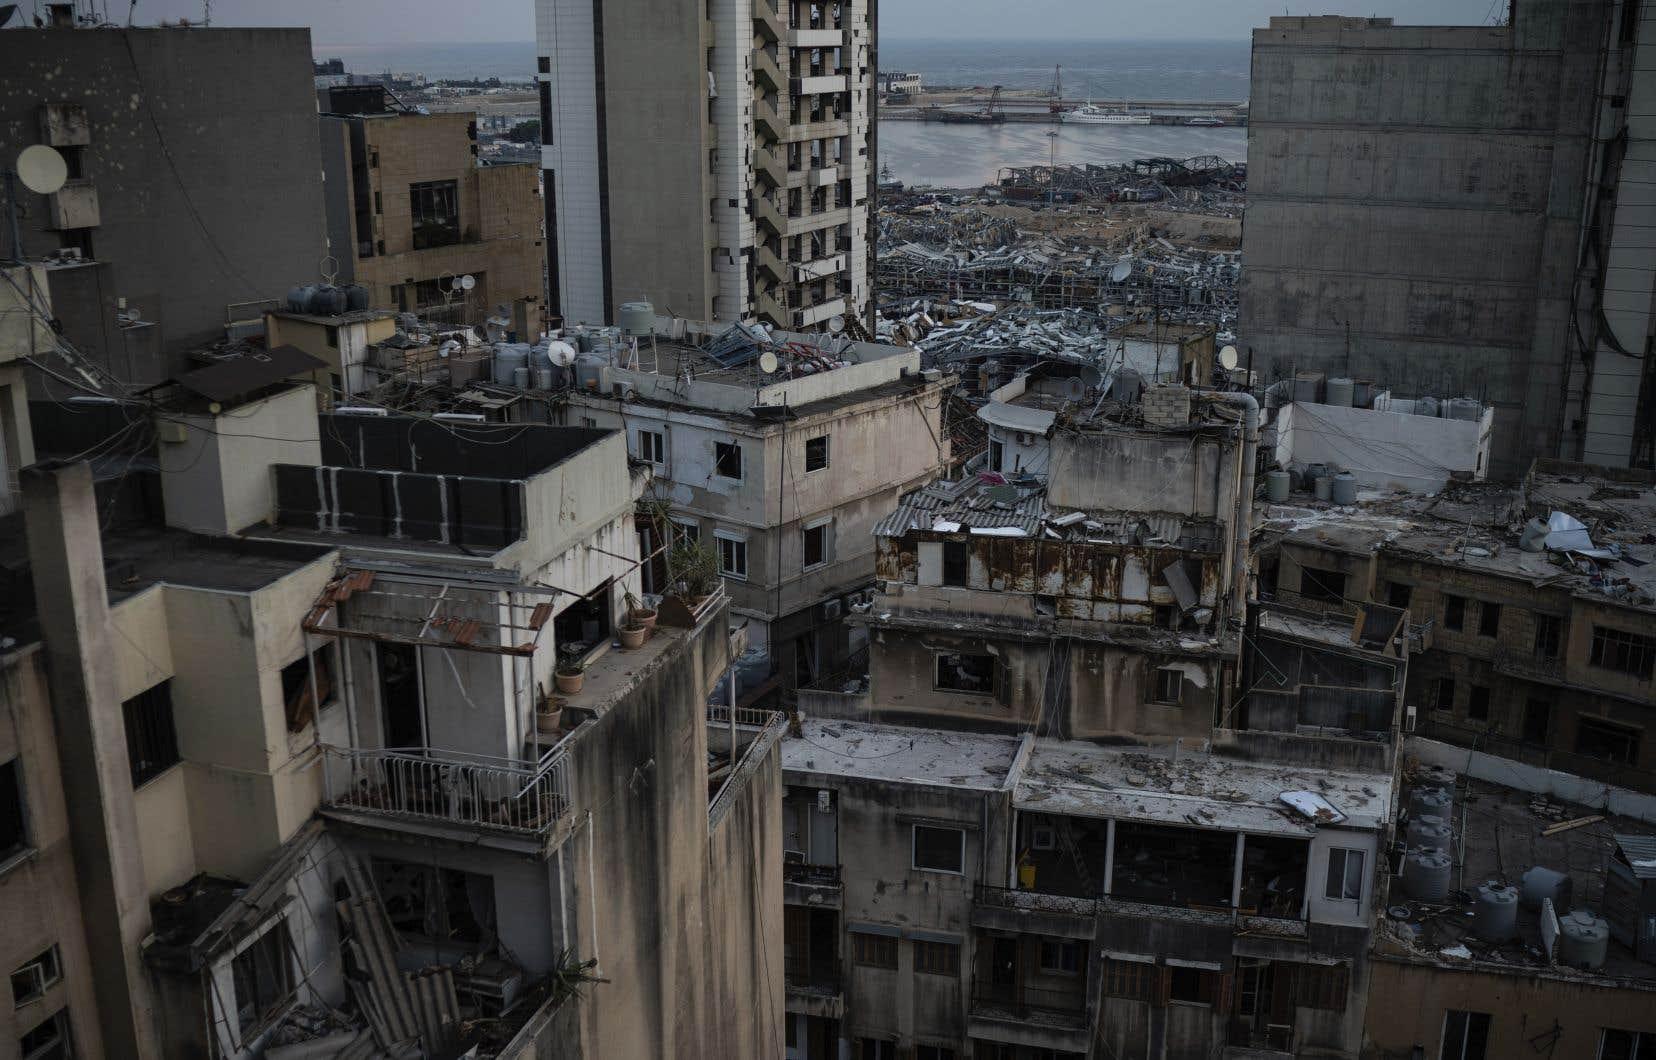 «[L'explosion] est venue anéantir le peu de souffle qui restait encore à une population meurtrie, appauvrie, volée par ses gouverneurs et laissée à elle-même», soutient l'autrice.